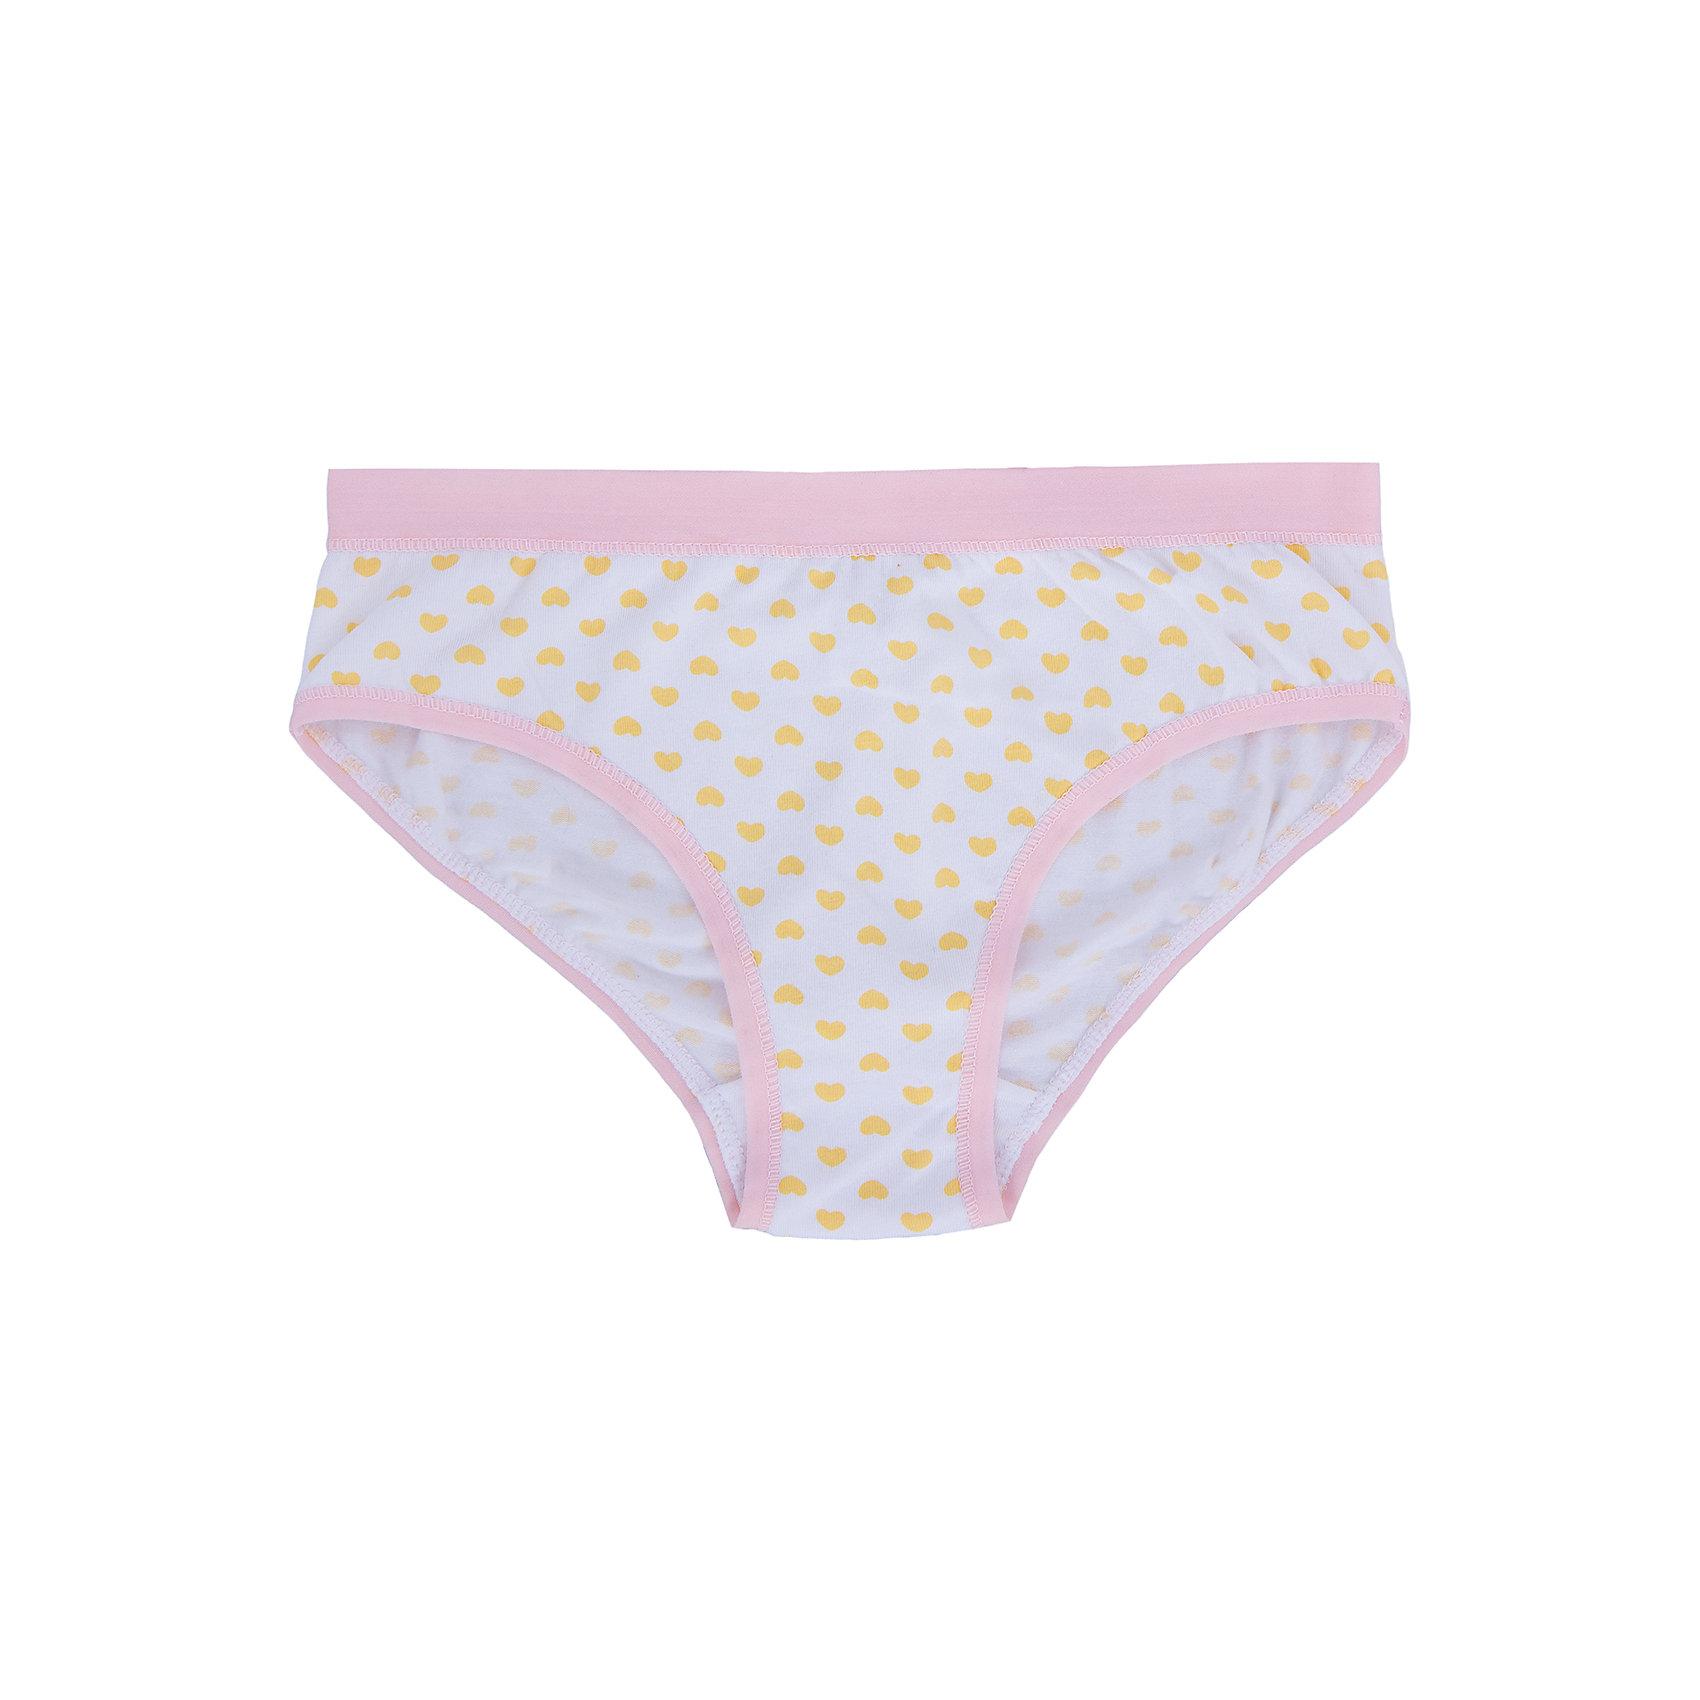 SELA Трусы для девочки SELA sela брюки для девочки sela